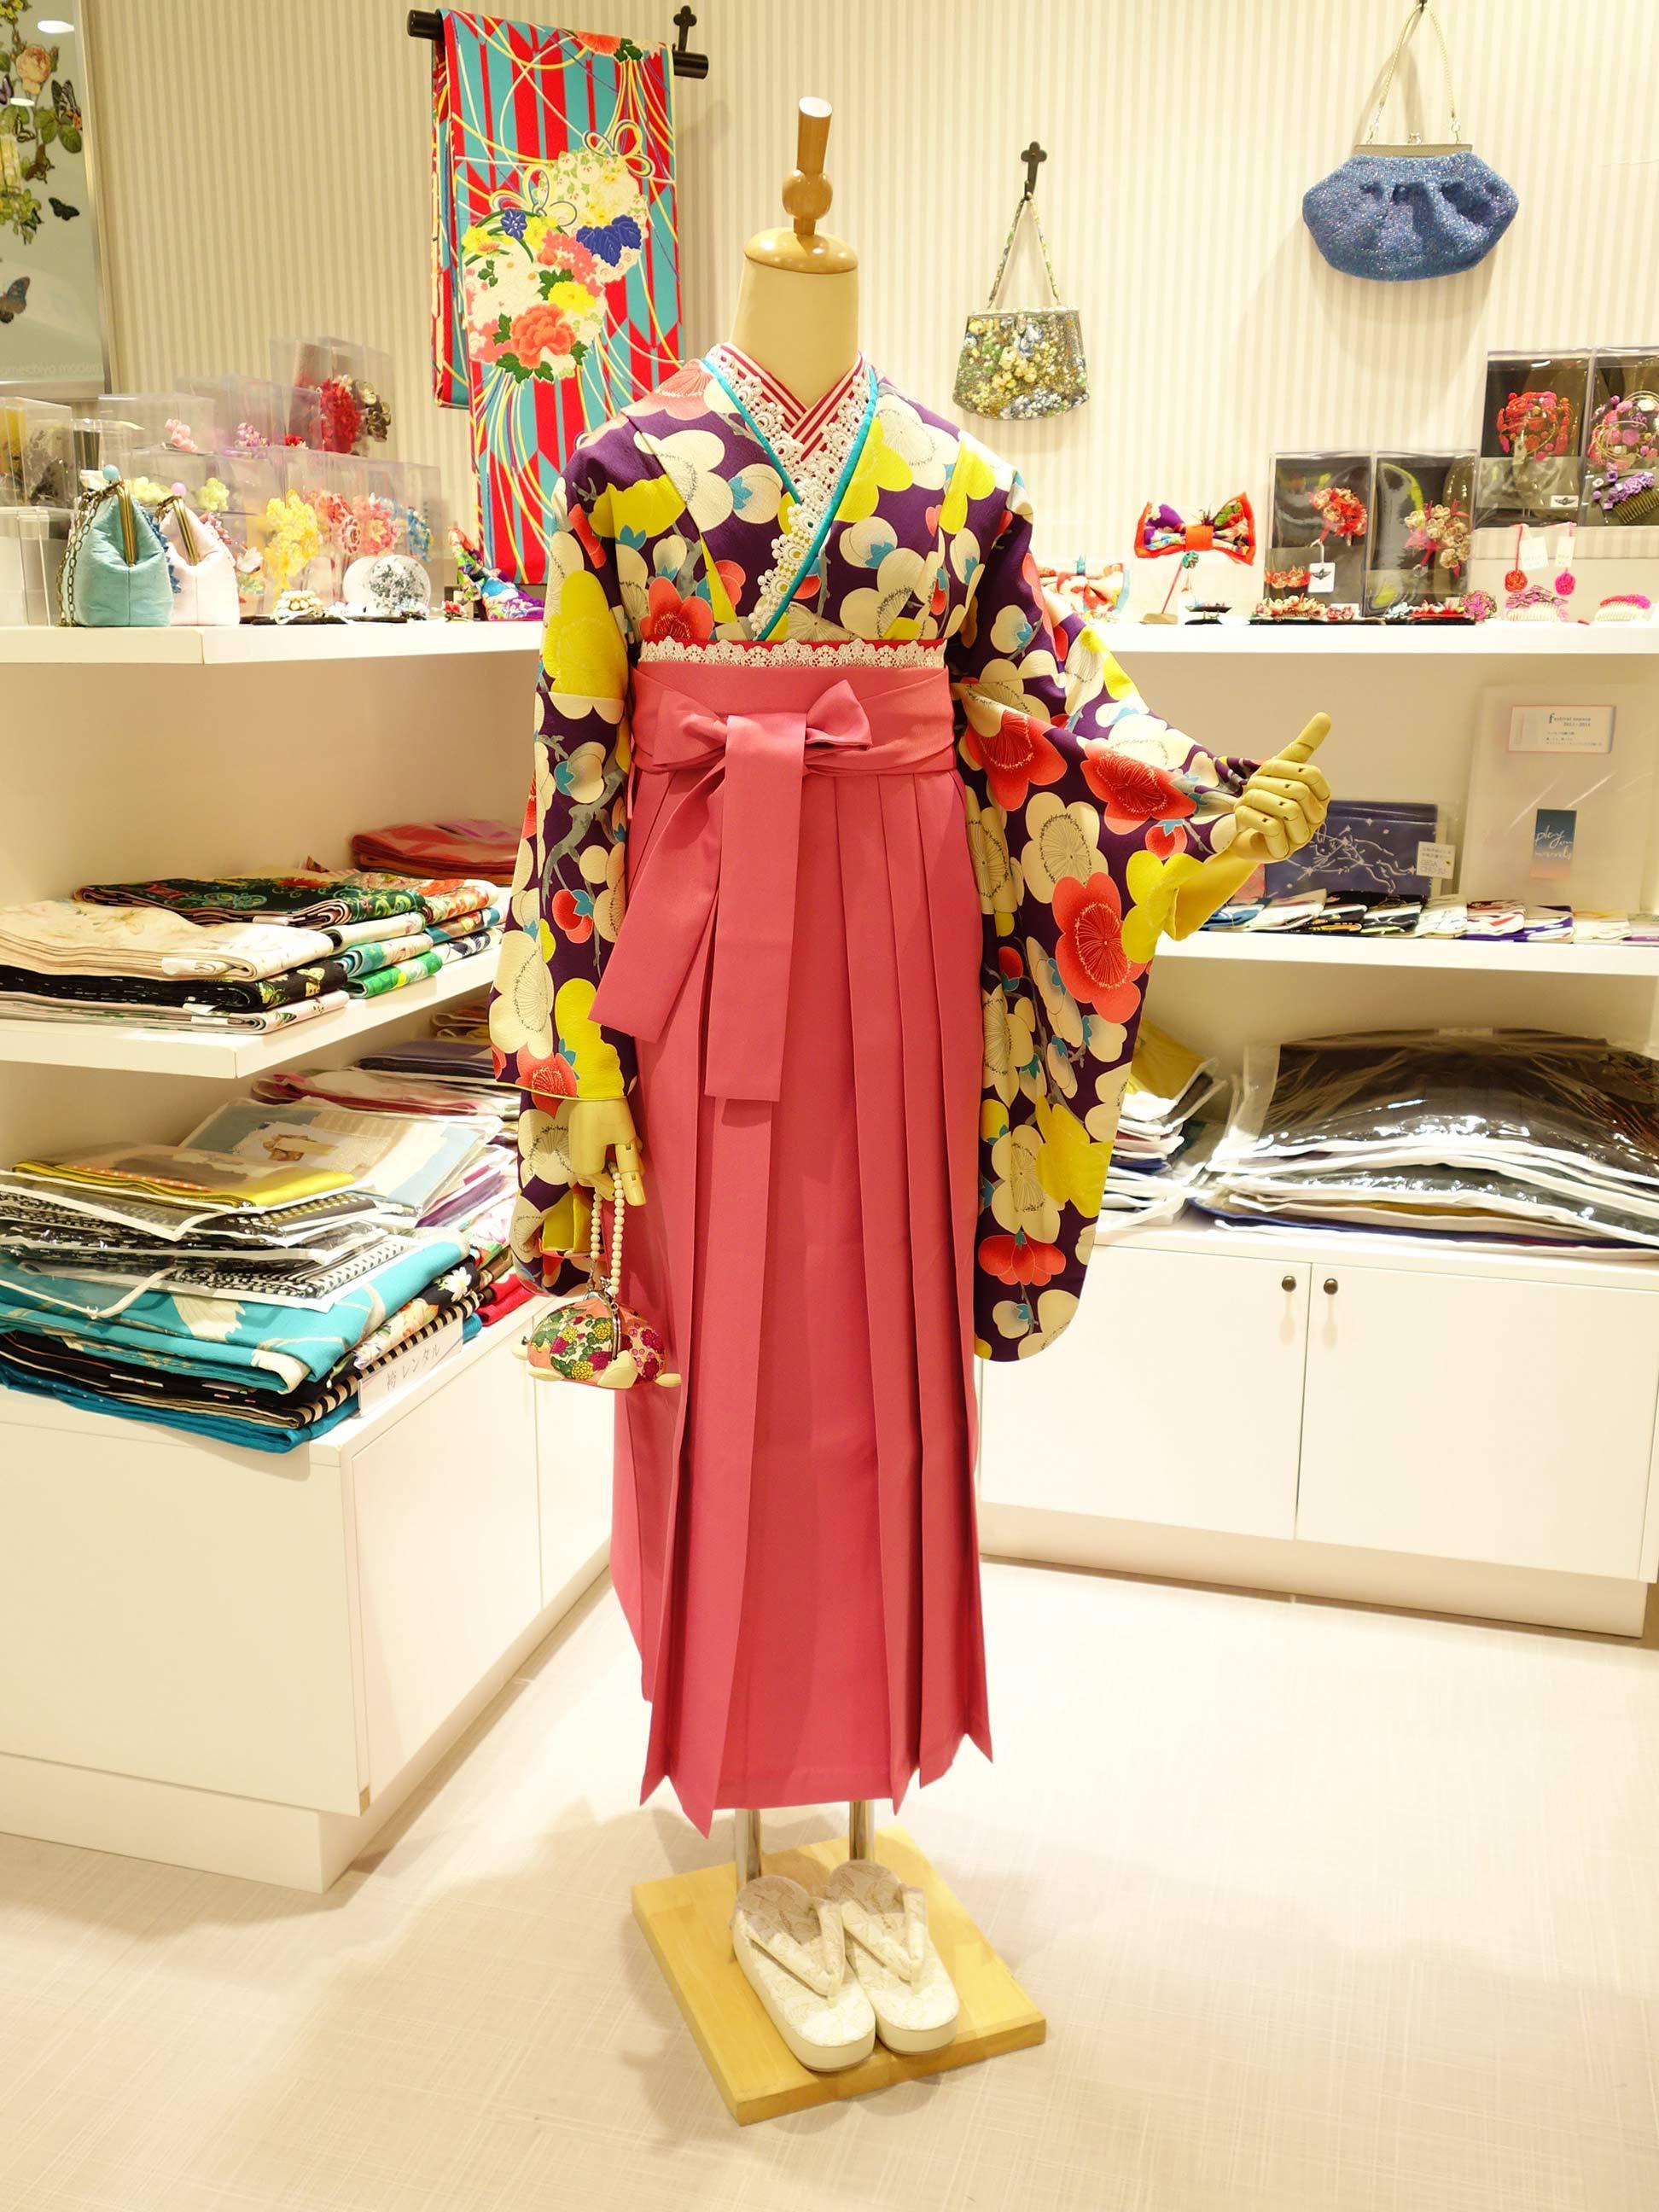 袴レンタル*紫梅×ピンク袴バージョン_e0167832_20273601.jpg